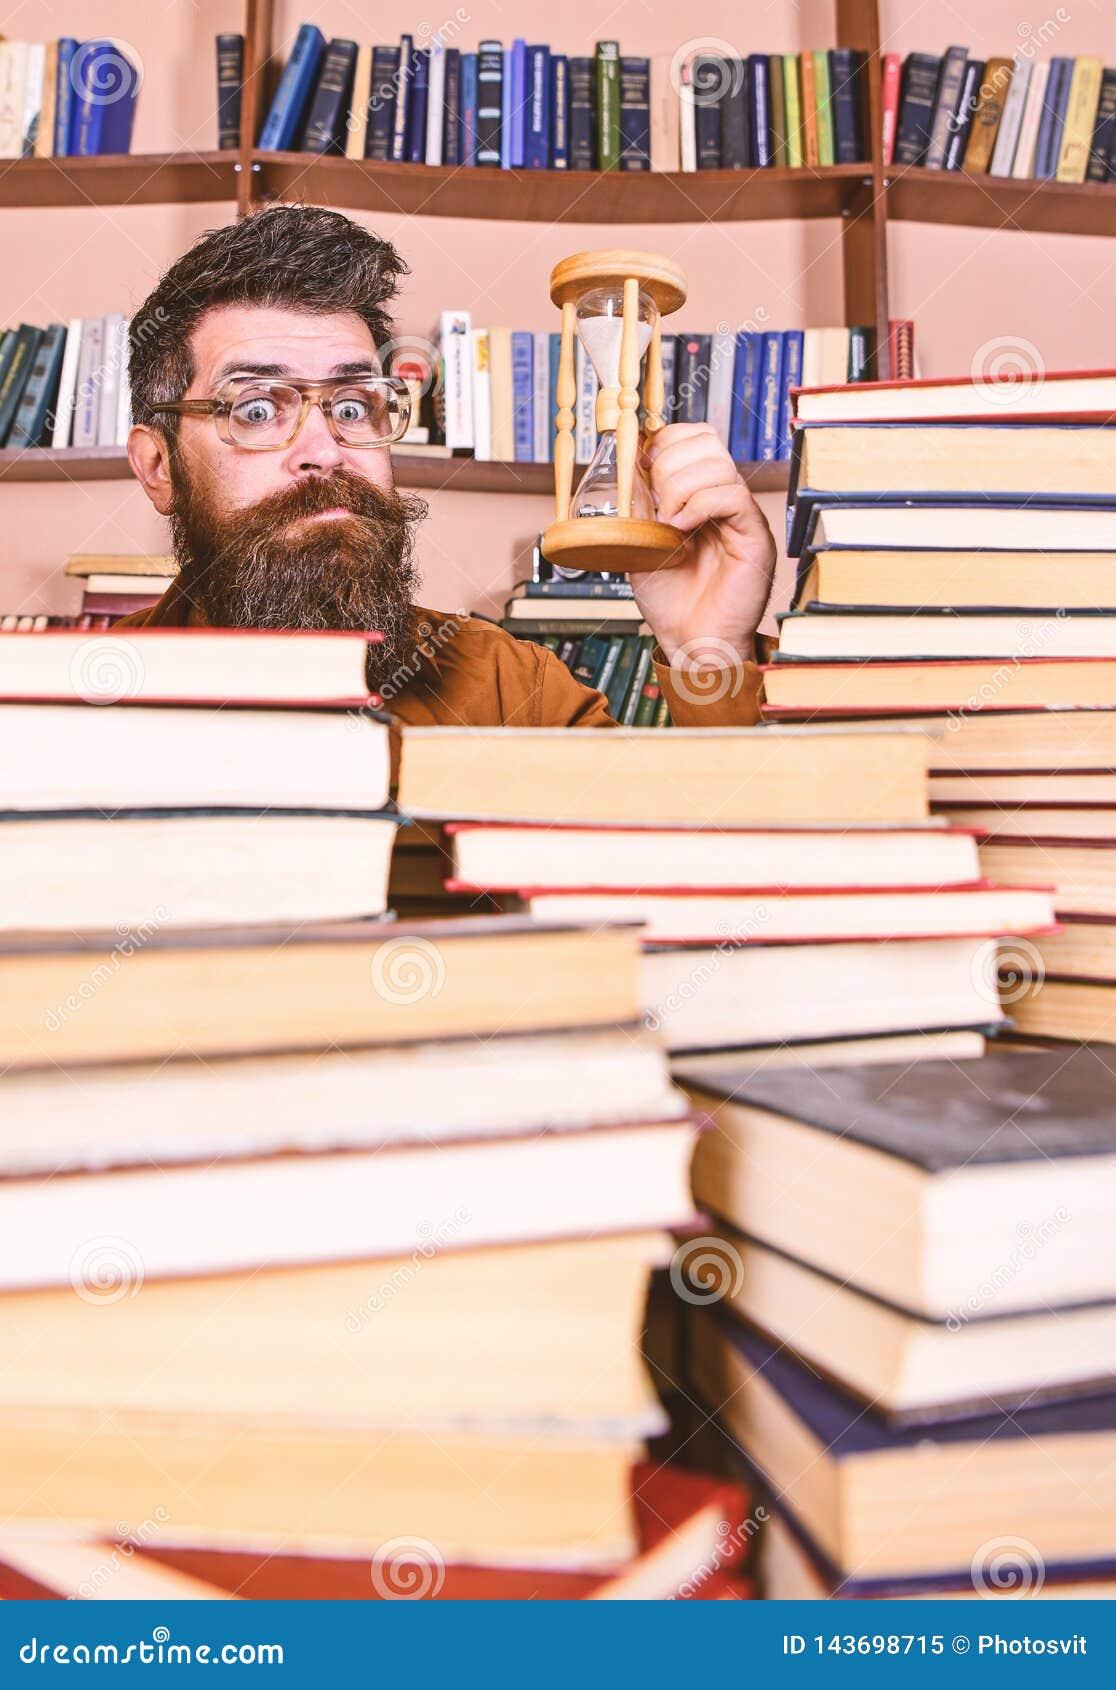 Το άτομο στο έκπληκτο πρόσωπο κρατά την κλεψύδρα μελετώντας, ράφια στο υπόβαθρο Έννοια χρονικής ροής Δάσκαλος ή σπουδαστής